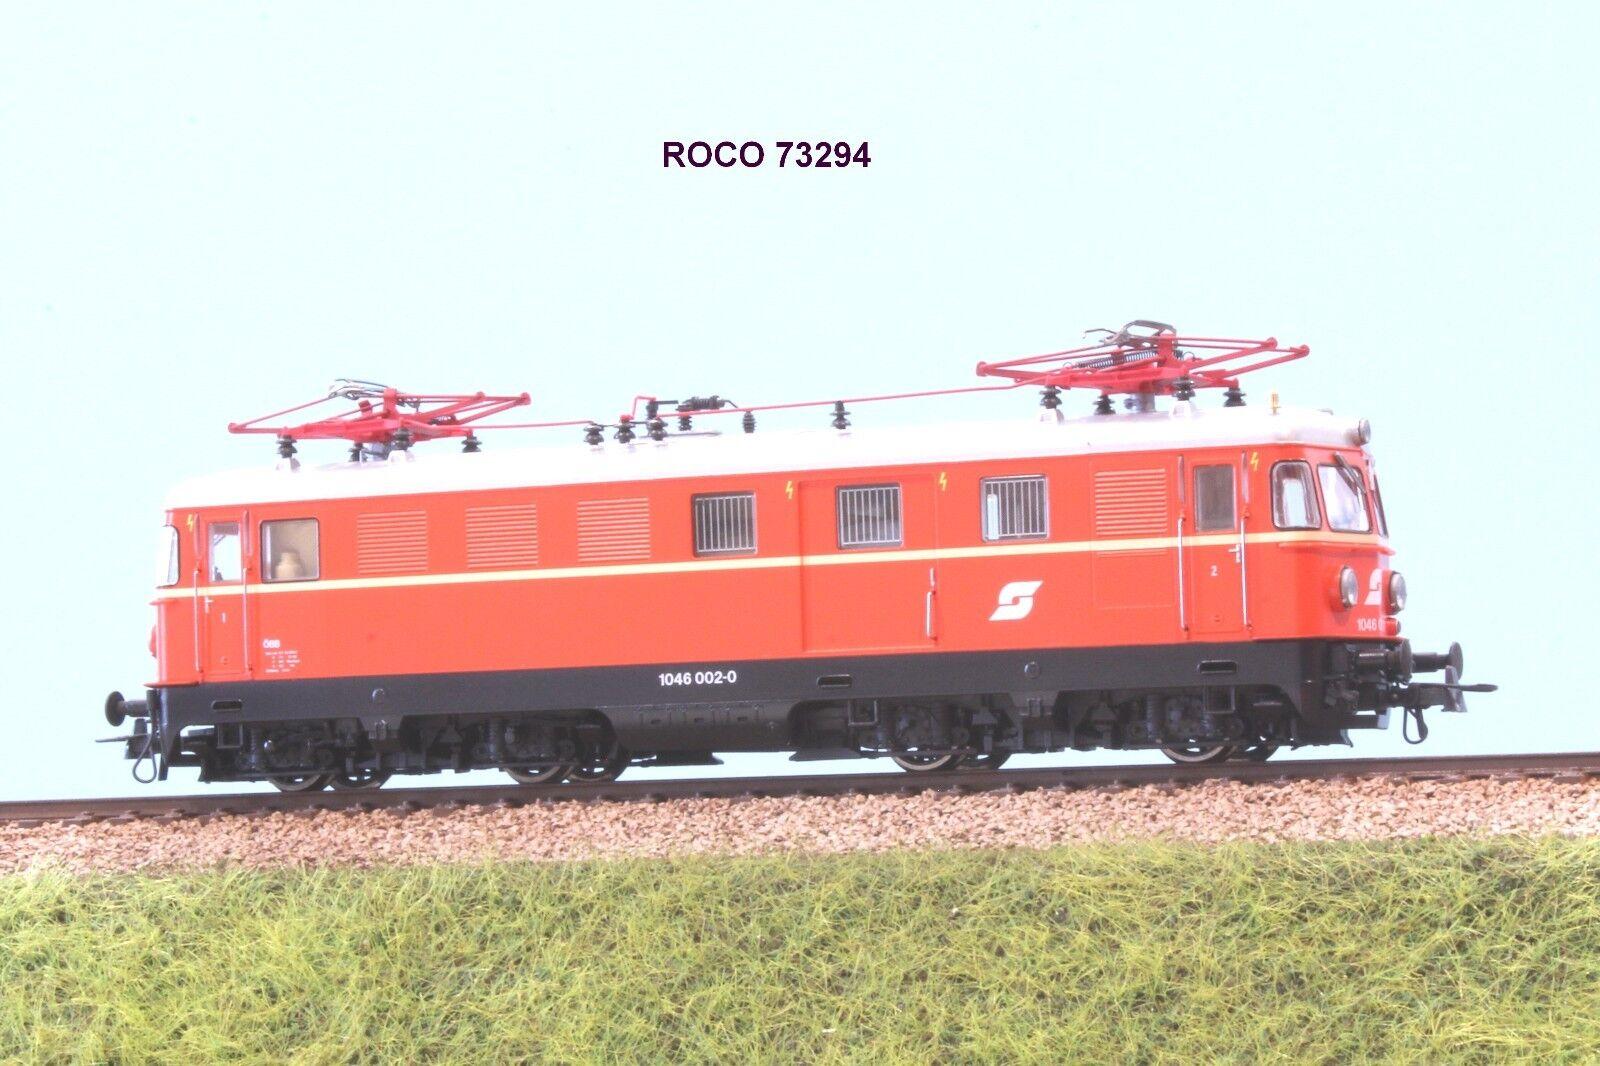 ROCO art.73294 OBB locomotiva Rh 1046 002 livrea arancio ep. V